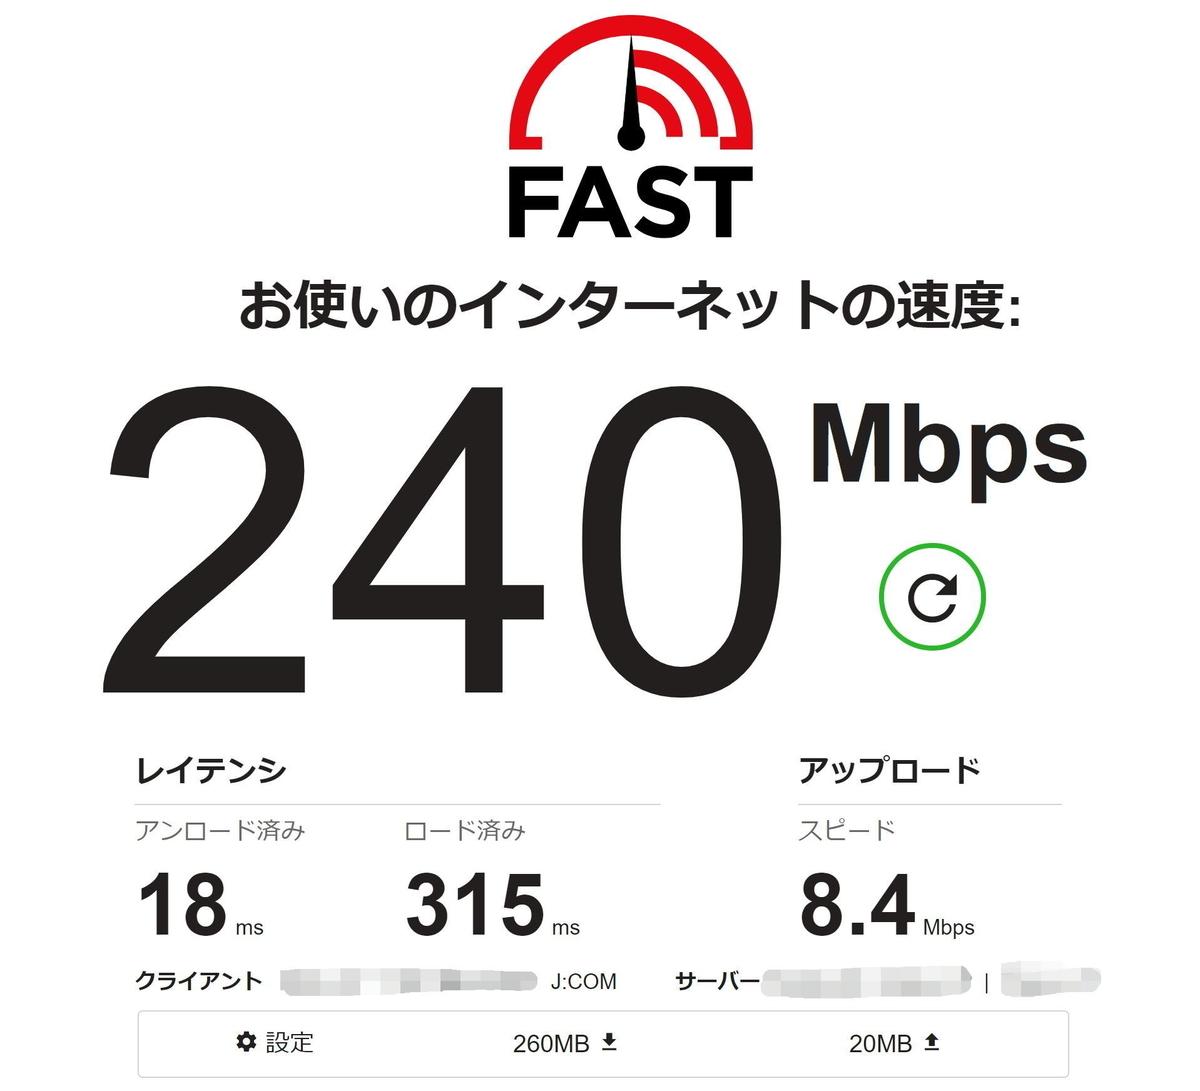 ネット回線 神戸JCOM